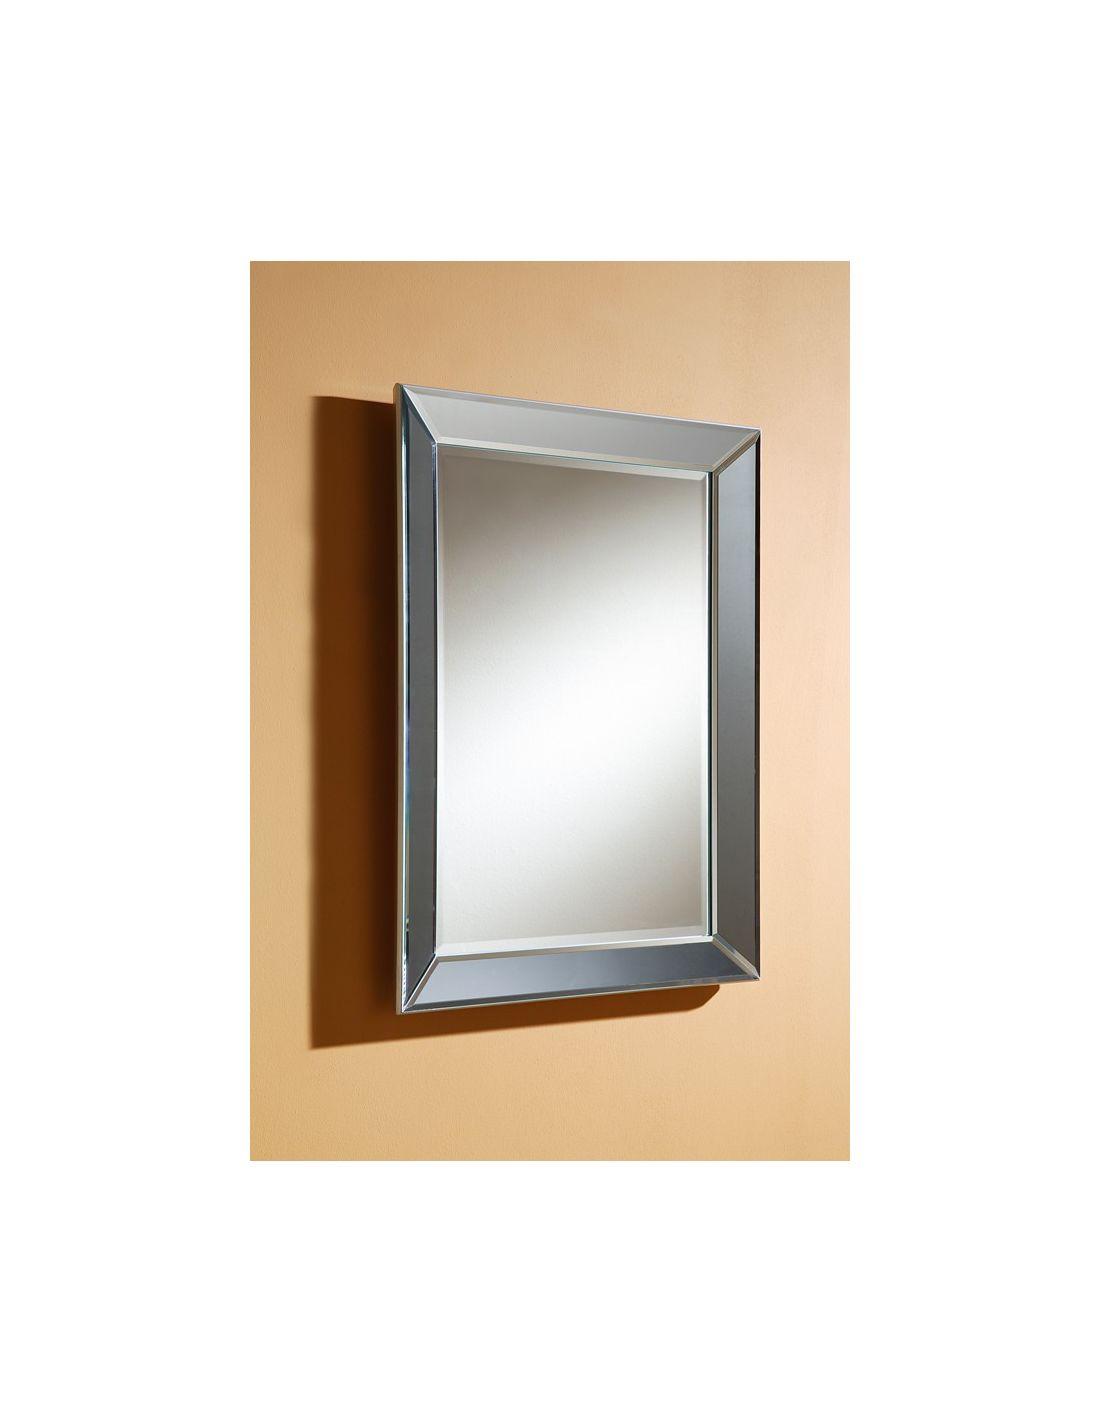 espejo para recibidor roma de schuller gastos env o gratis On espejo marco cristal